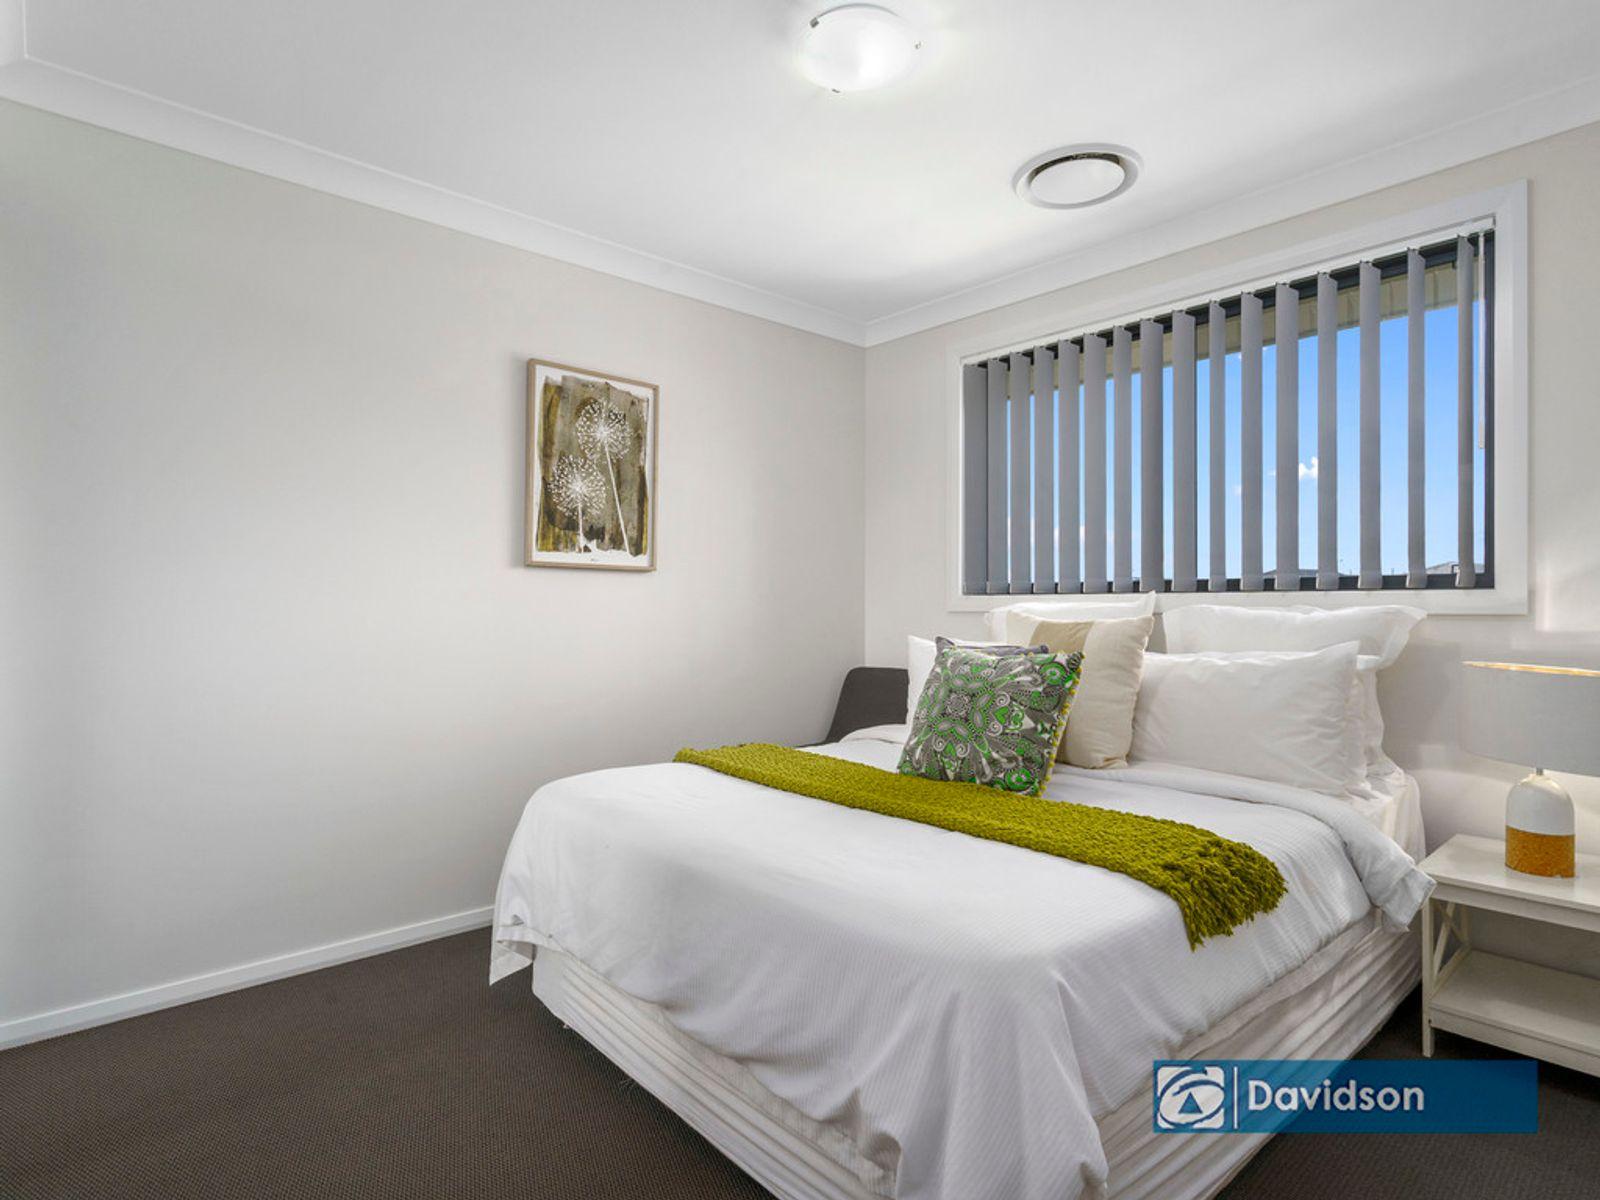 13 Scarlet Beach St, Bardia, NSW 2565